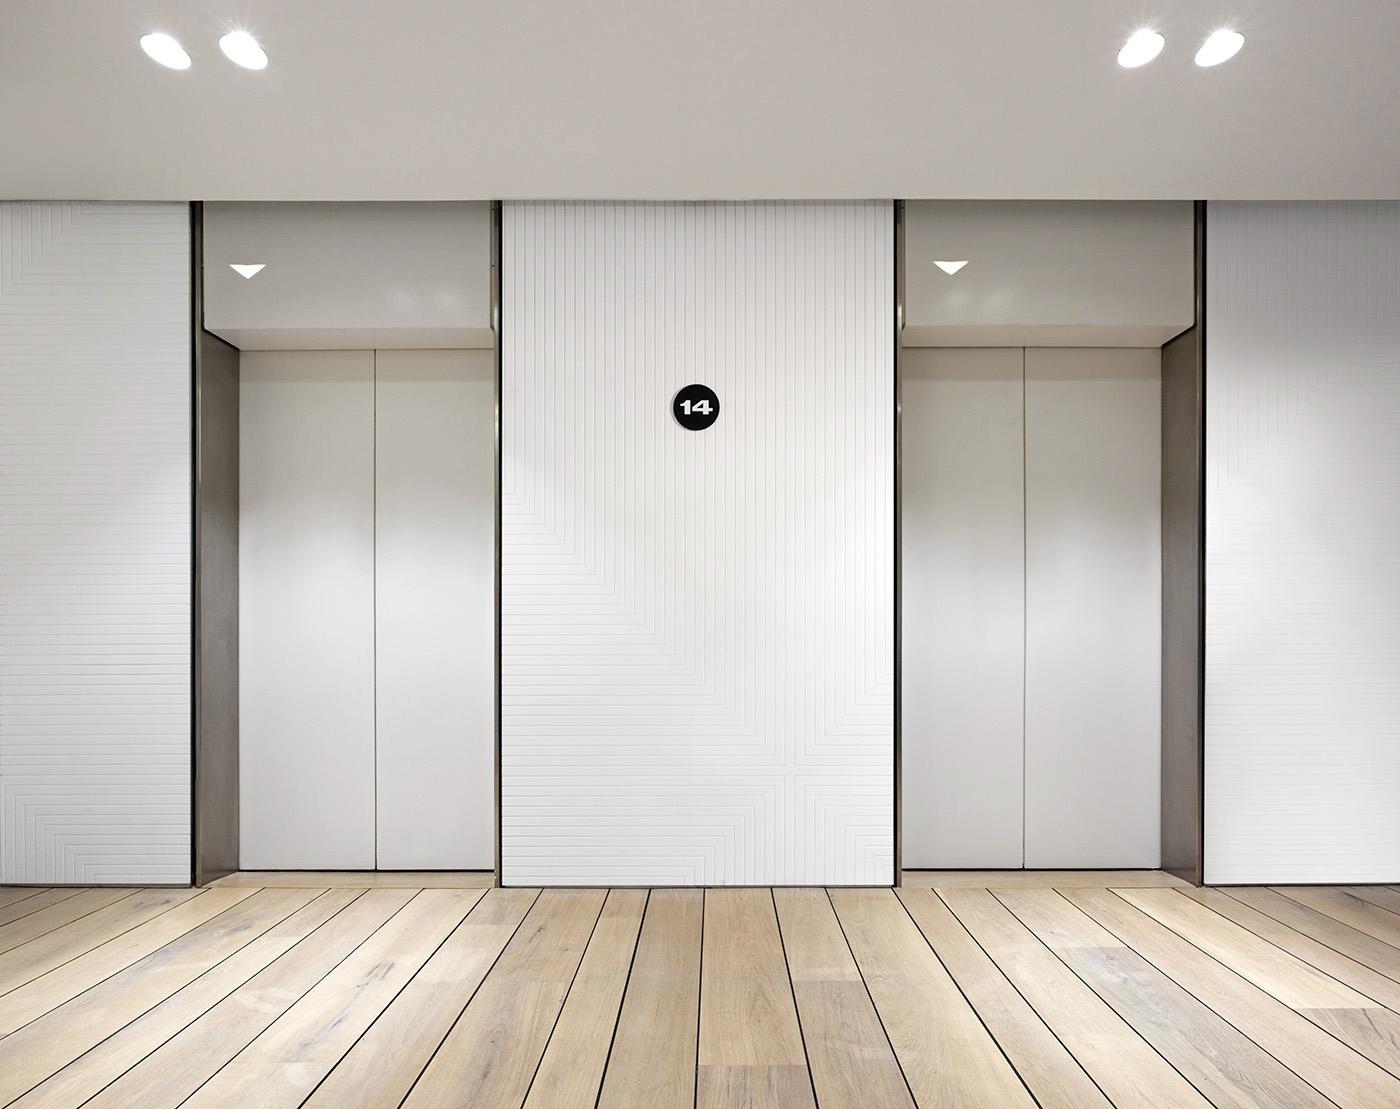 san-charbel-consejos-vivir-ninos-elevador